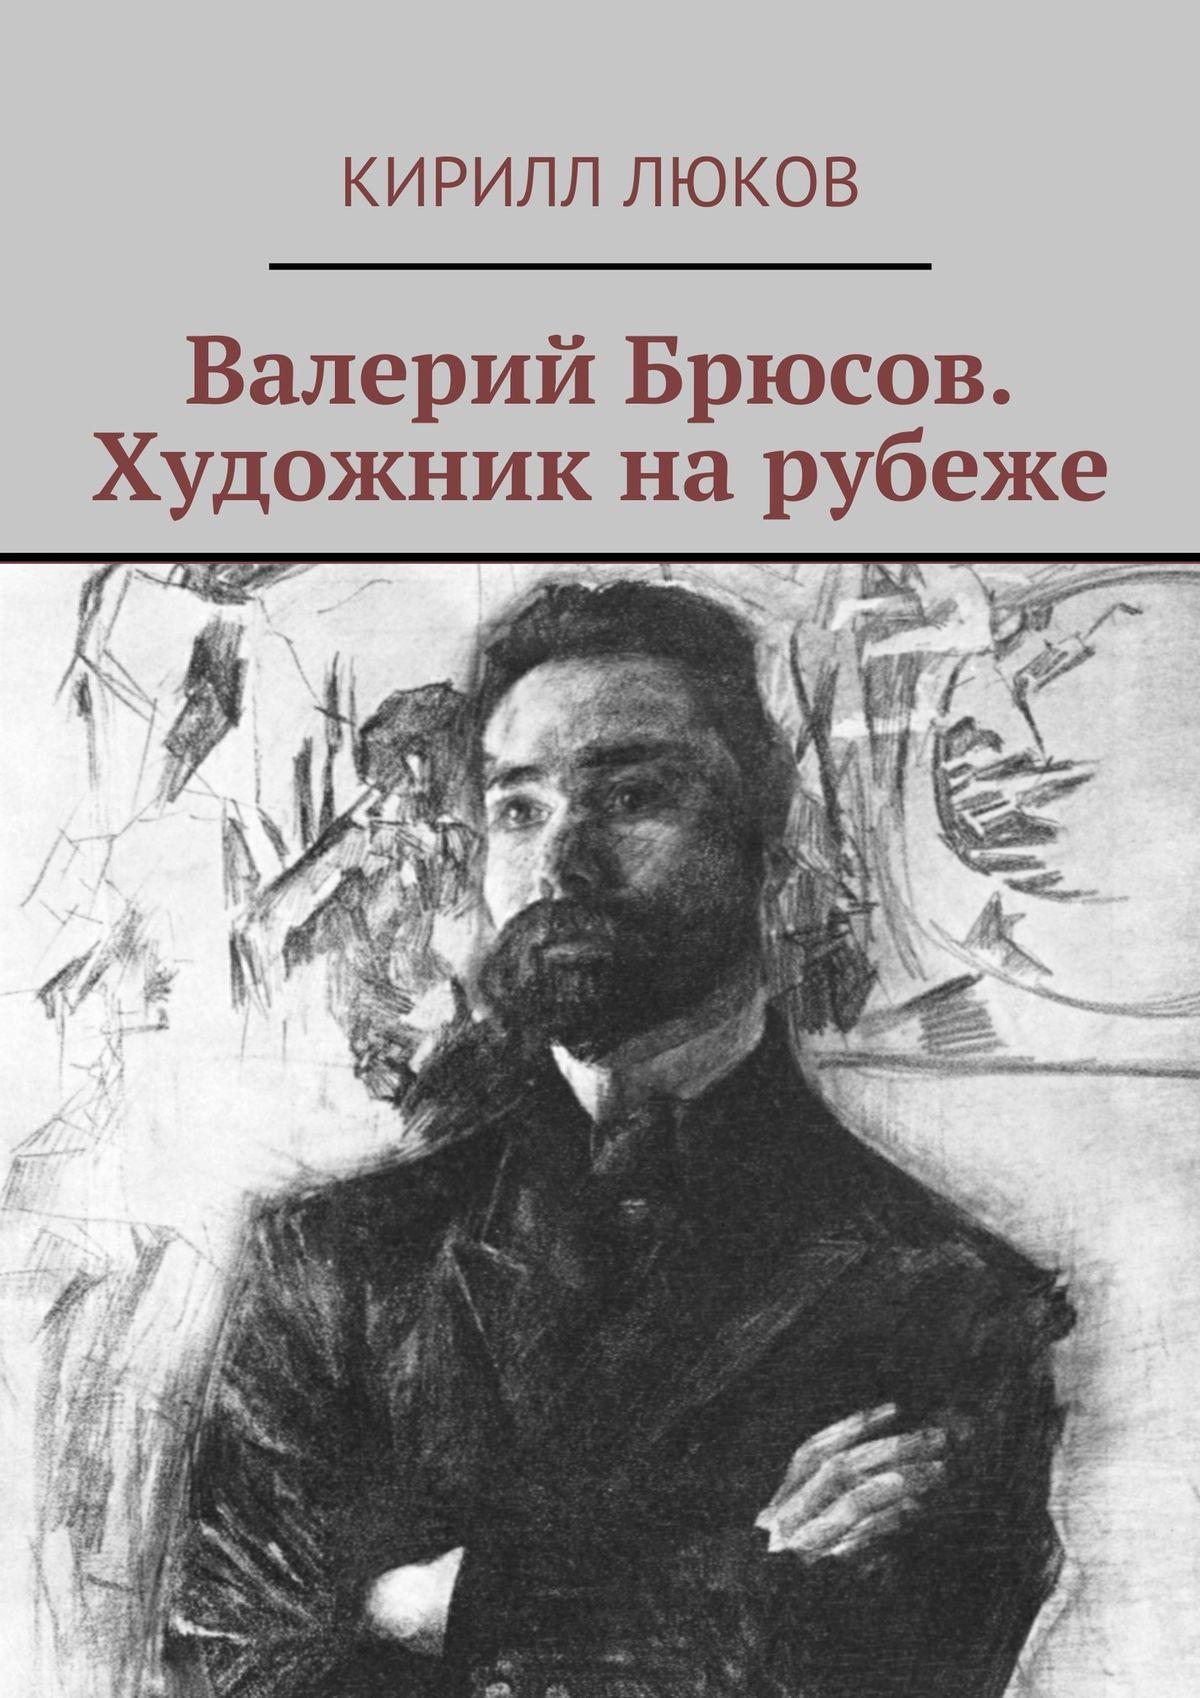 Кирилл Люков Валерий Брюсов. Художник нарубеже цена